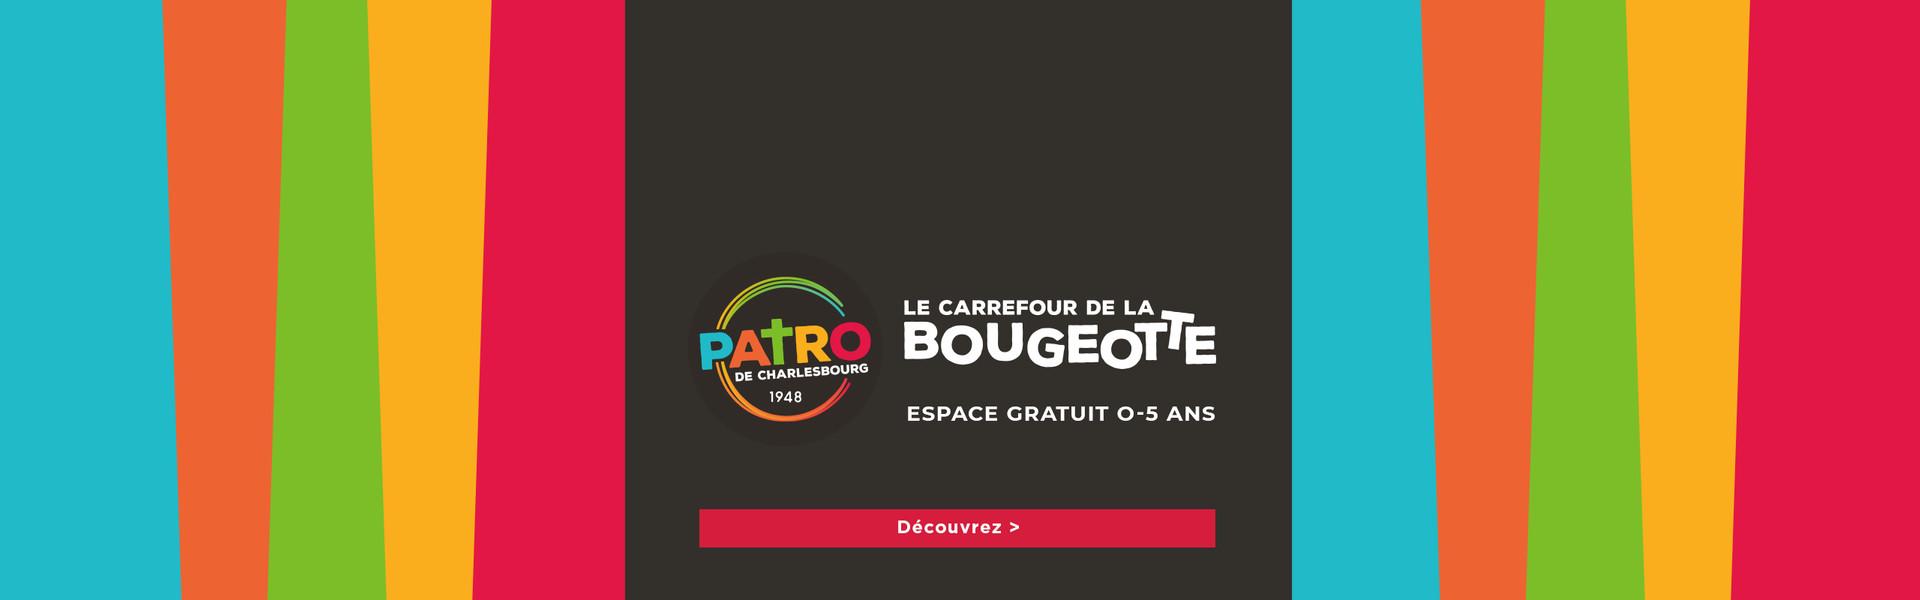 Carrefour de la bougeotte